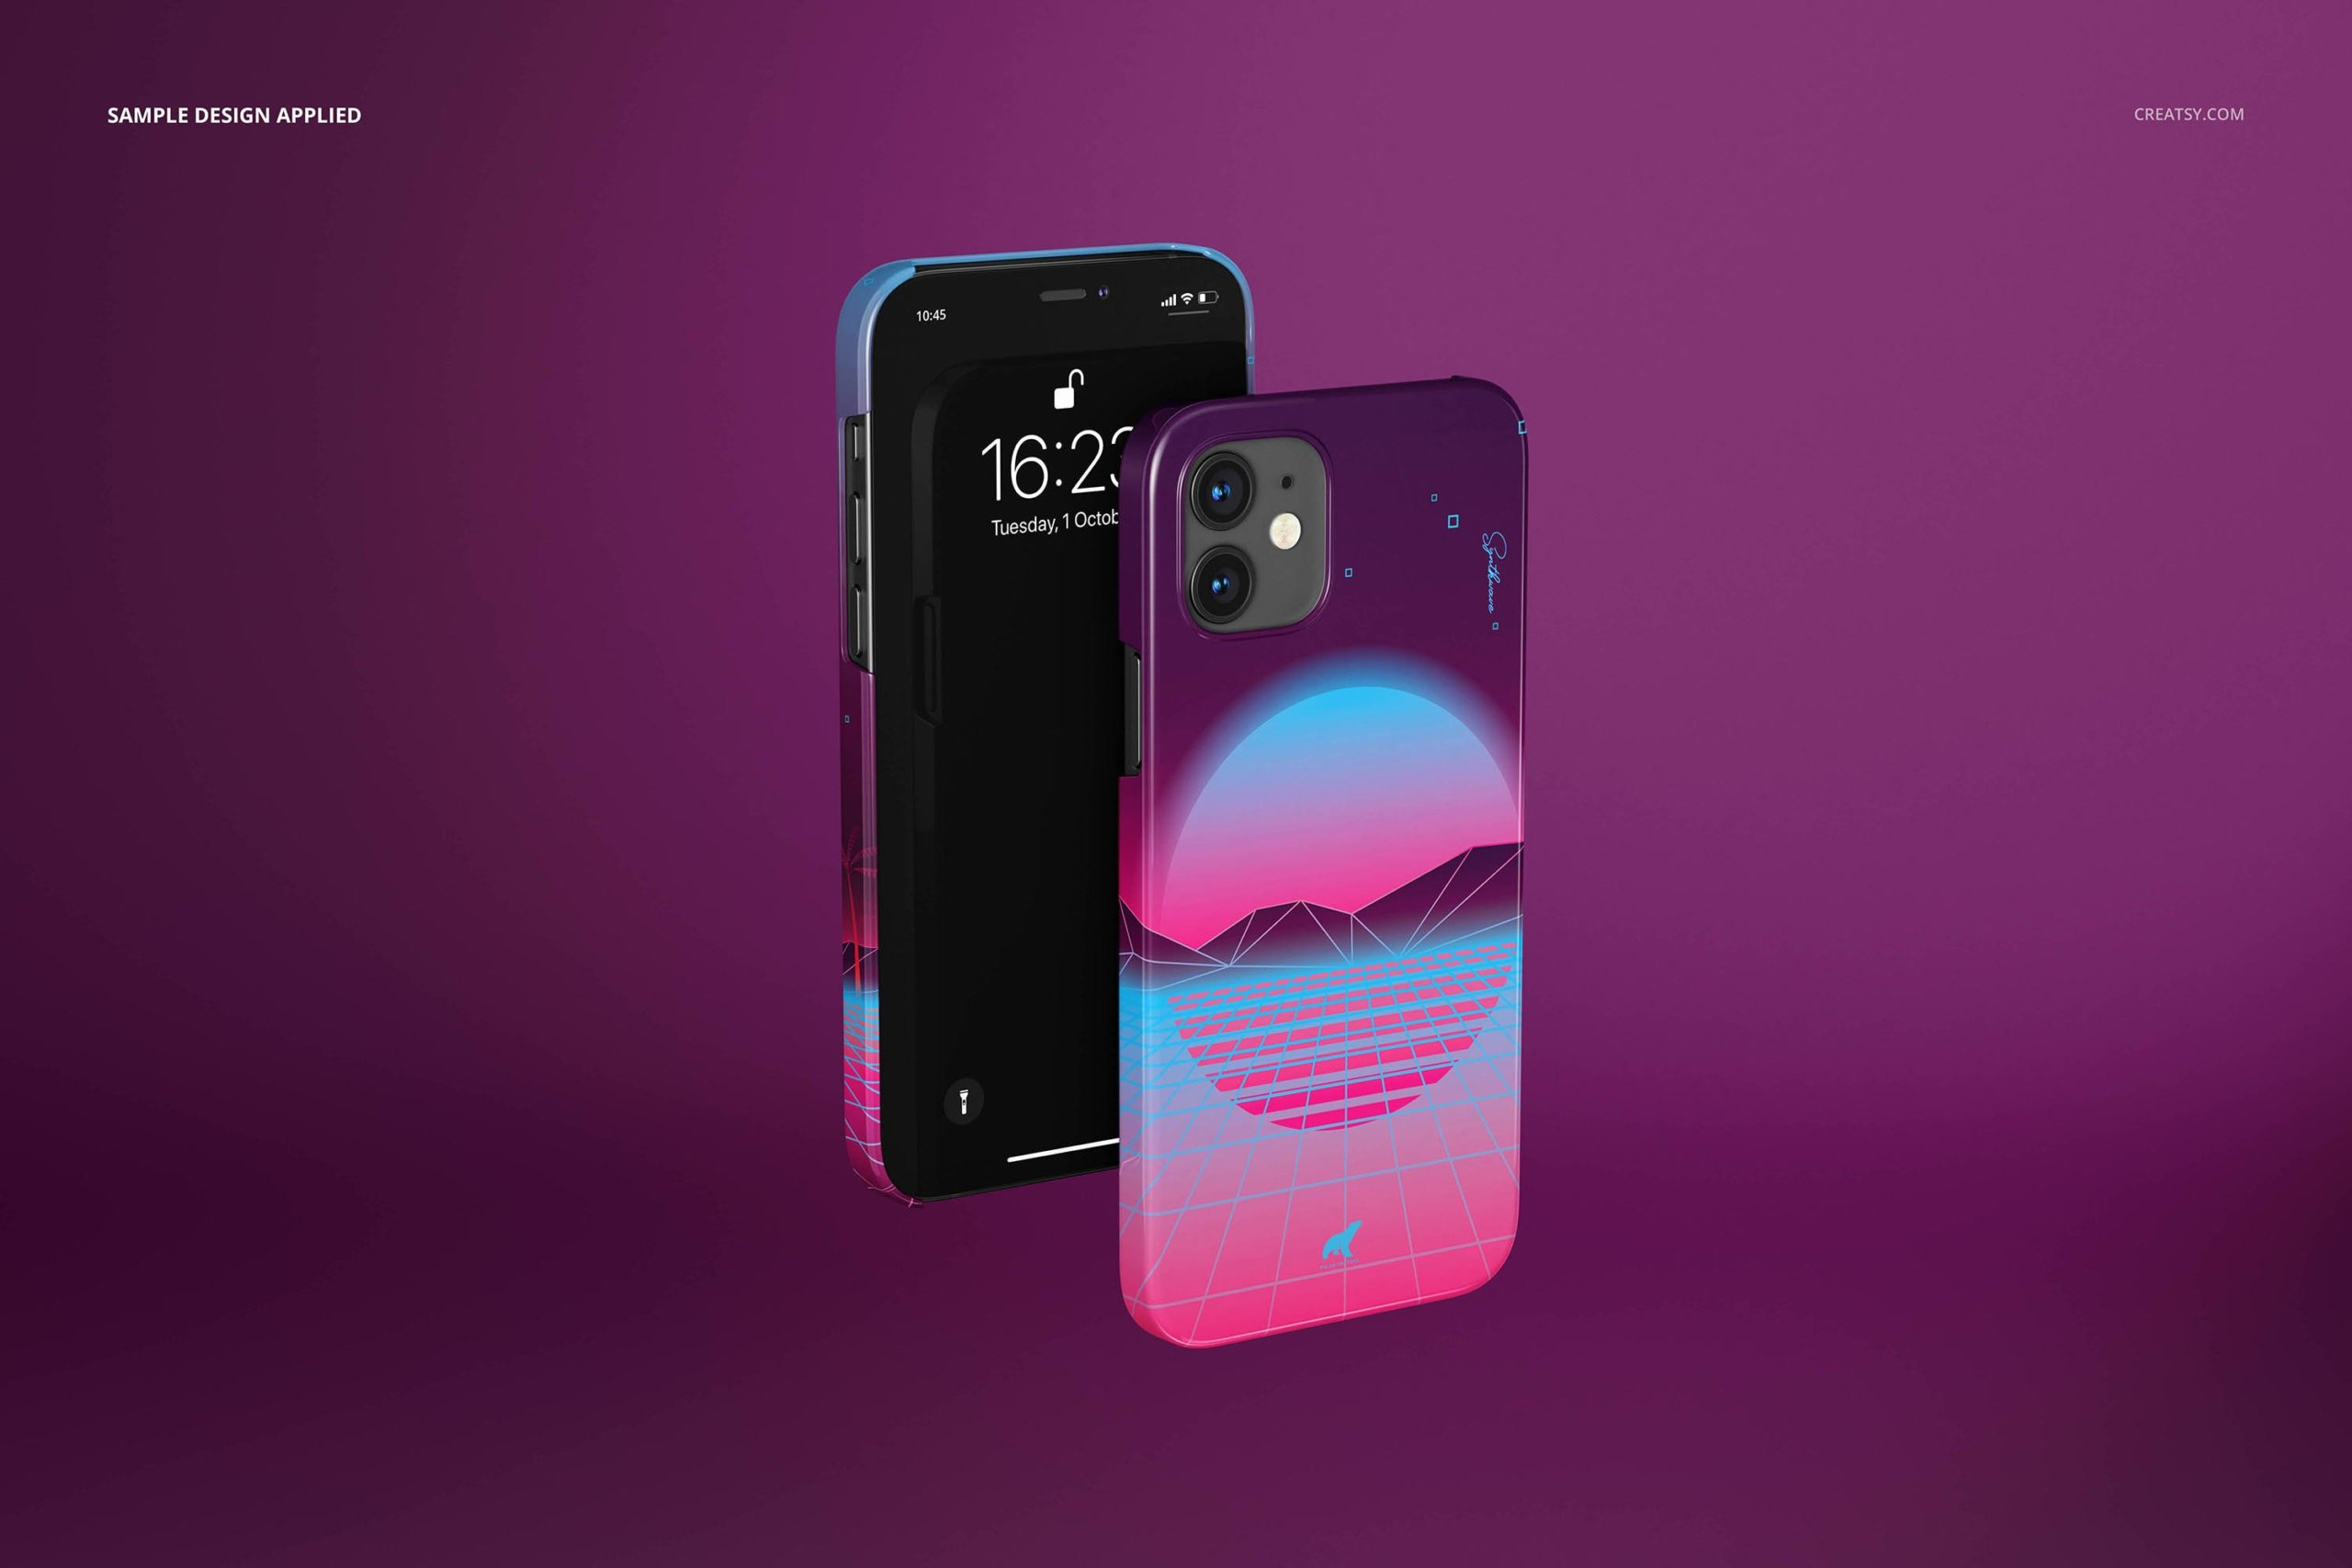 [单独购买] 26款时尚光滑苹果iPhone 12手机保护壳设计PS贴图样机模板素材 iPhone 12 Glossy Snap Case 1 Mockup插图16